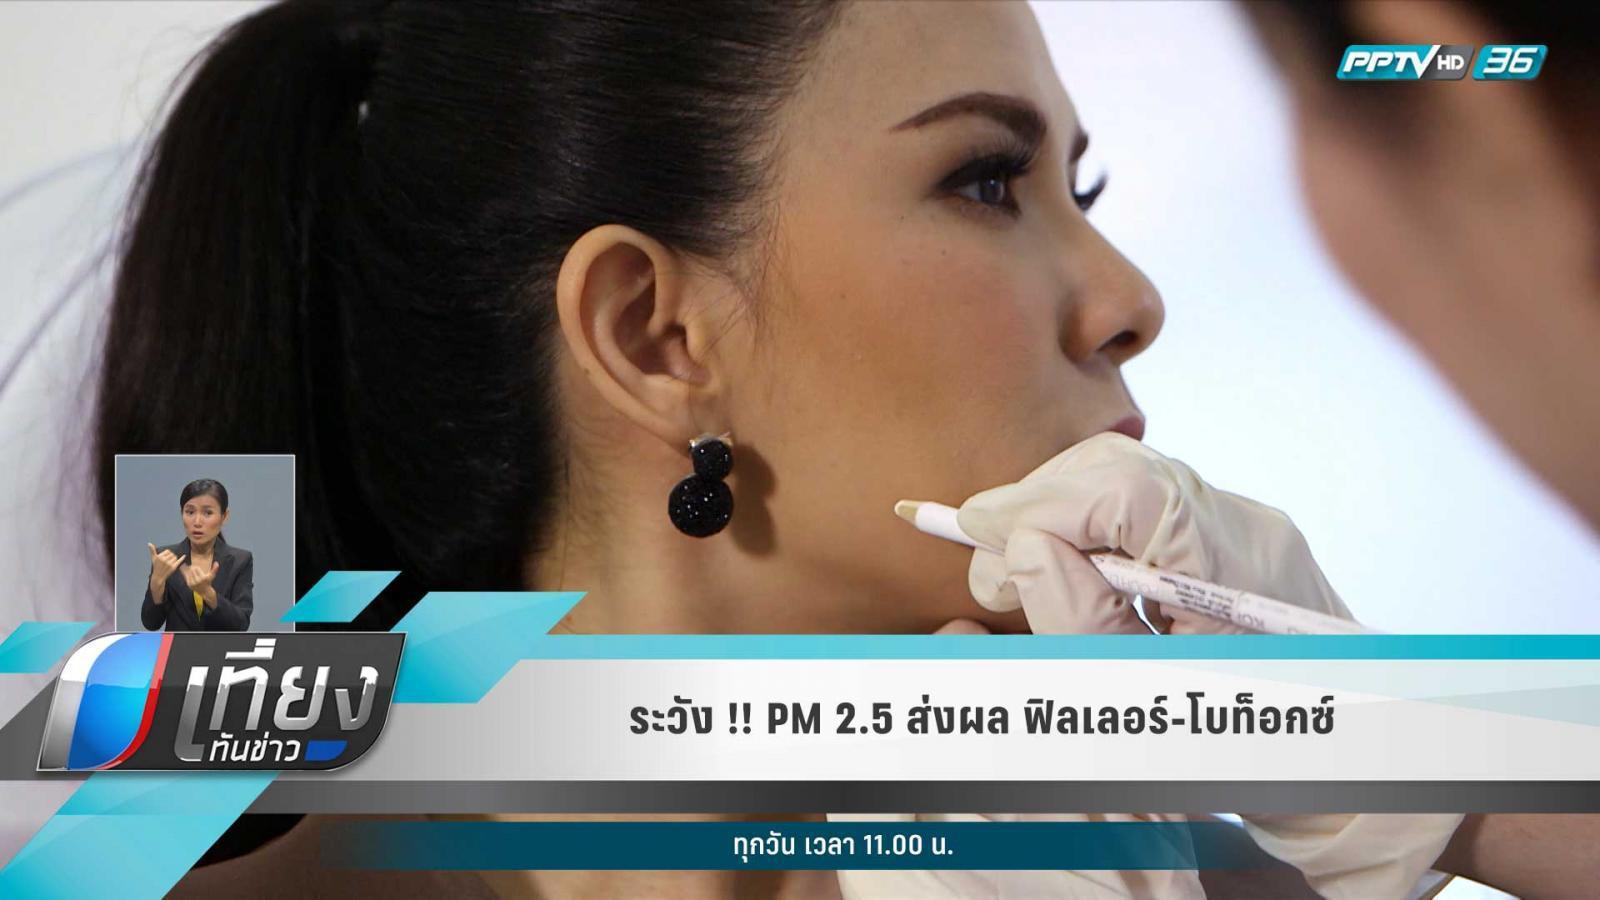 ระวัง !! PM 2.5 ส่งผล ฟิลเลอร์-โบท็อกซ์